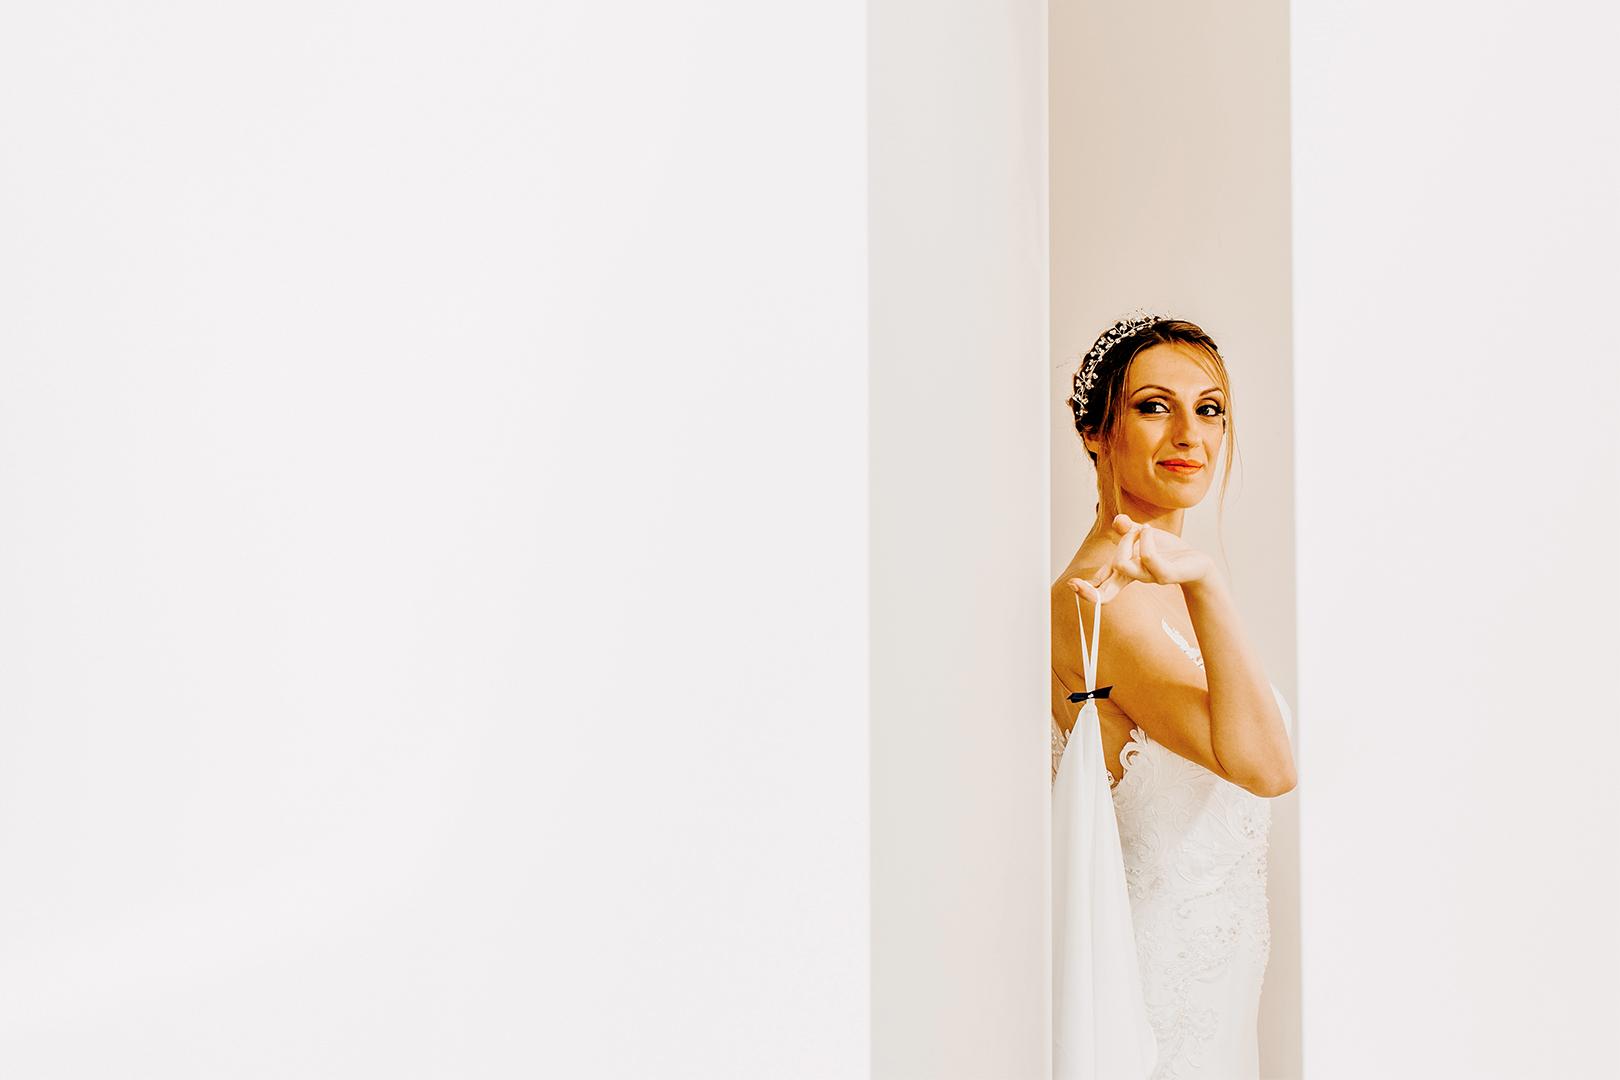 22 gianni-lepore-matrimonio-wedding-sposa-bride-ritratto-fineart-silvi-villa-rossi